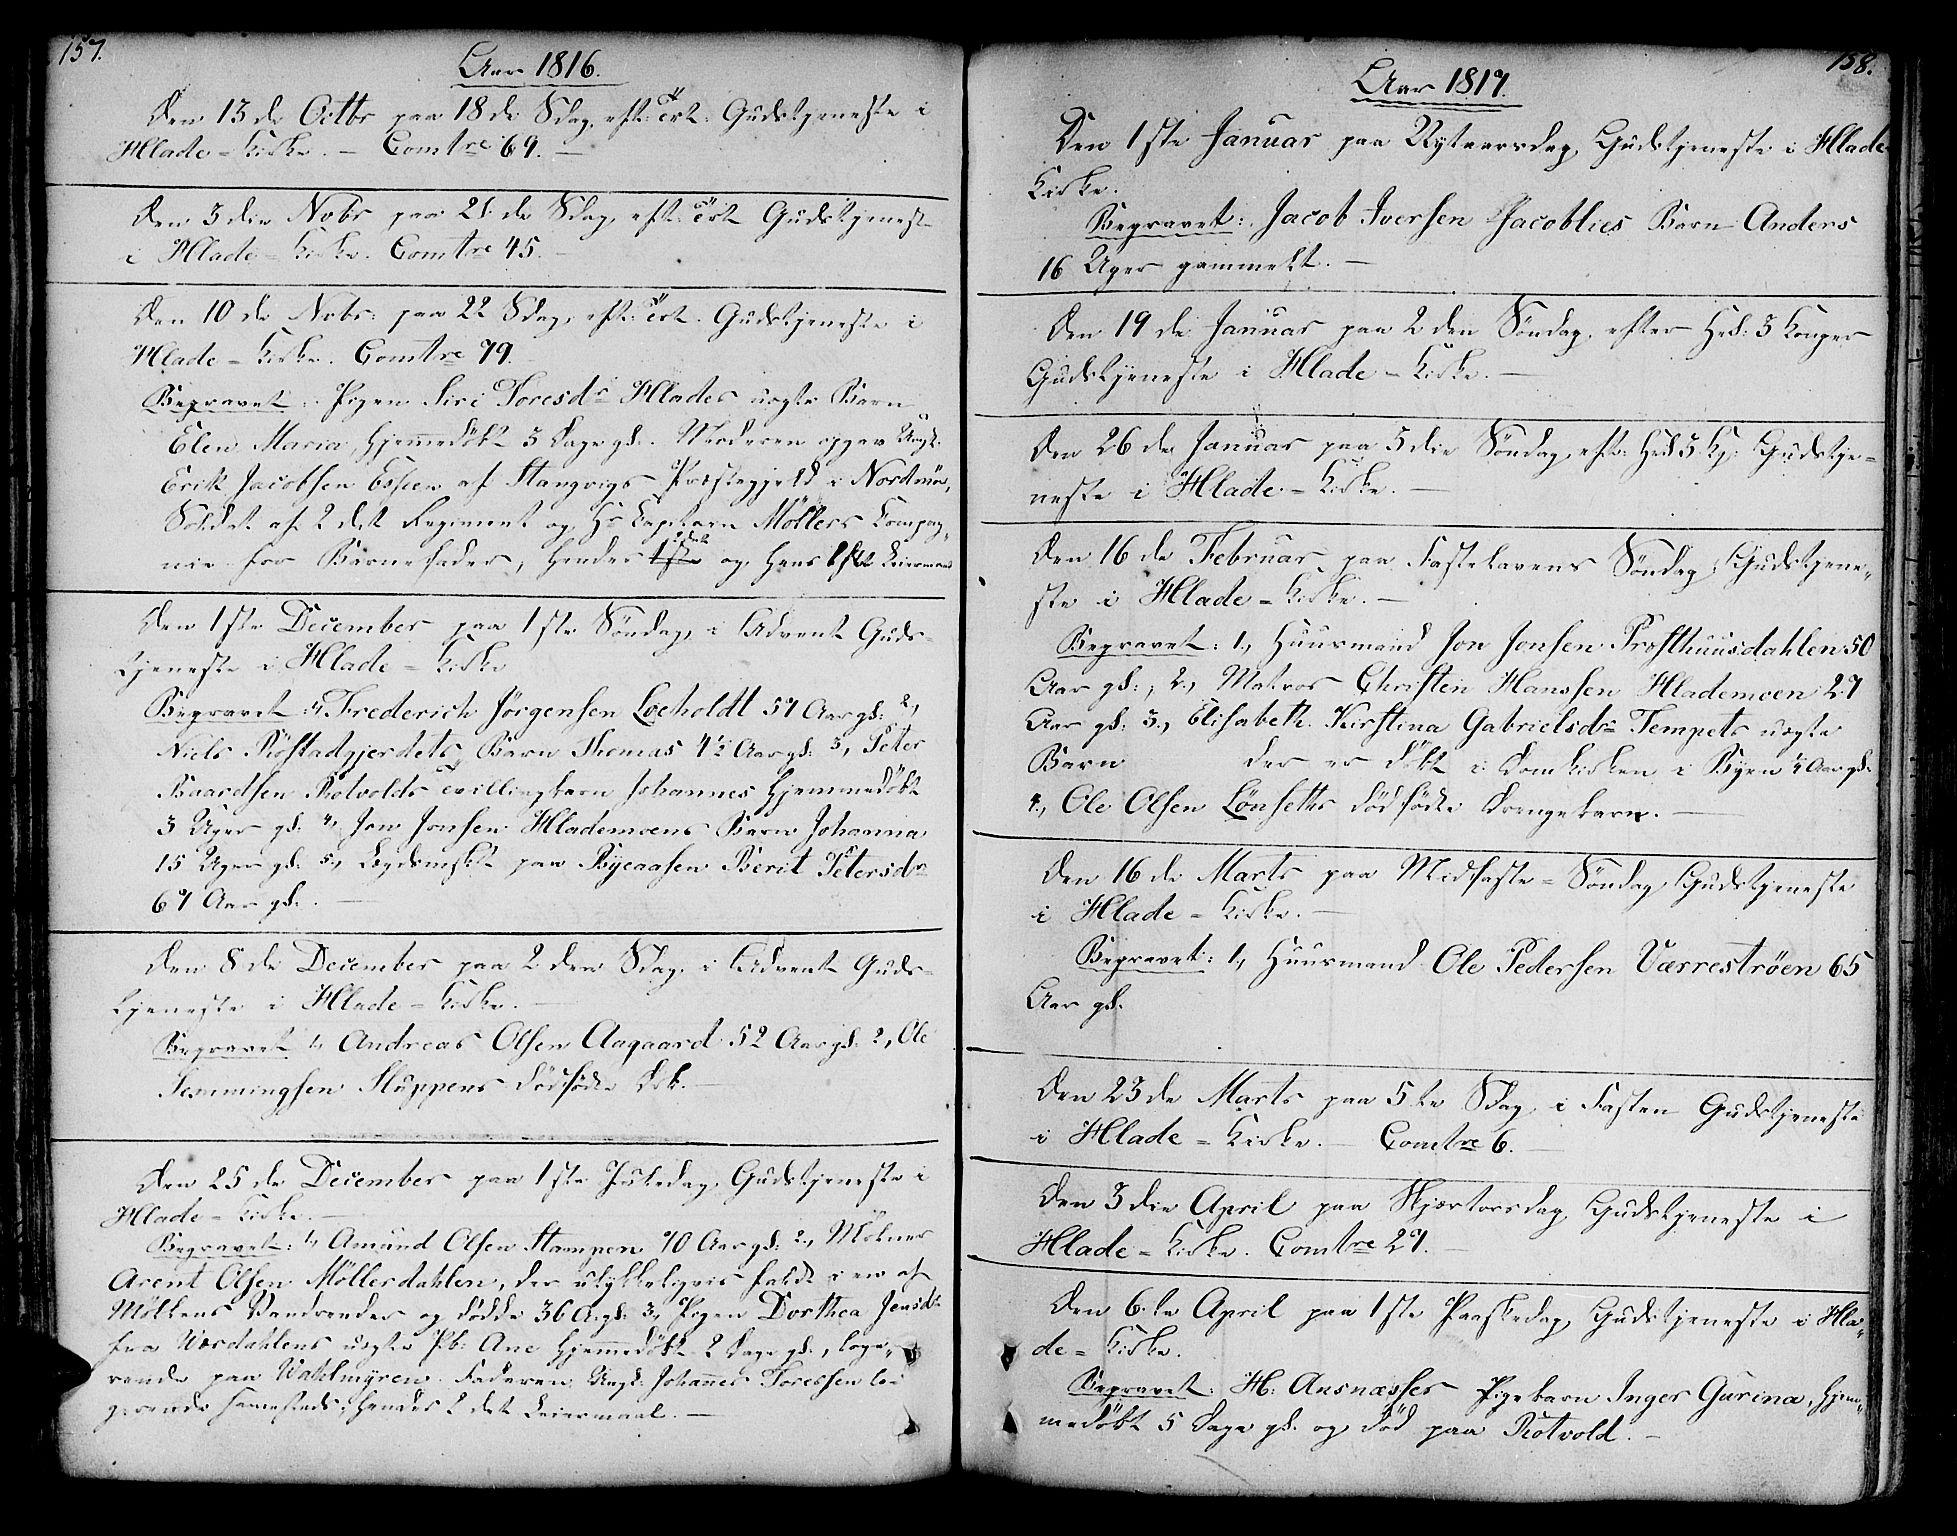 SAT, Ministerialprotokoller, klokkerbøker og fødselsregistre - Sør-Trøndelag, 606/L0280: Ministerialbok nr. 606A02 /1, 1781-1817, s. 157-158